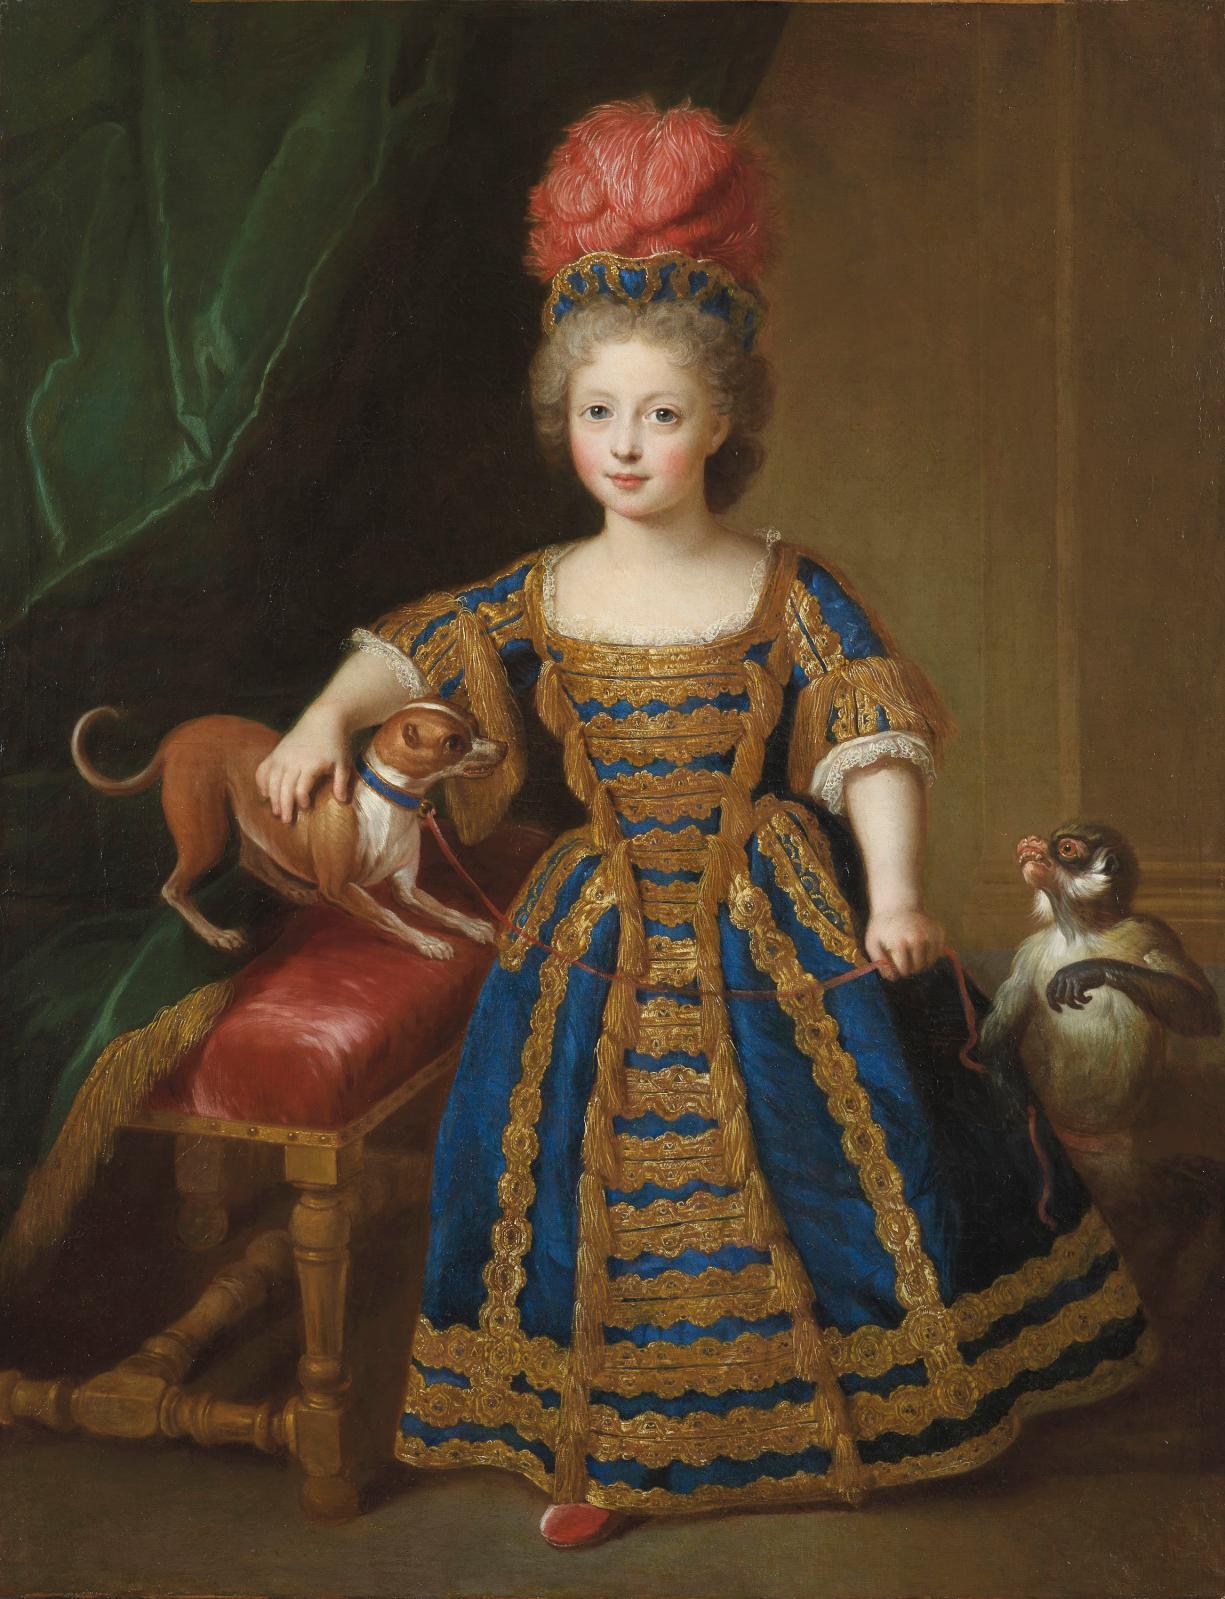 Pierre Gobert, FrançoisIII de Lorraine, enfant, vers 1772, huile sur toile, 89,5x70cm, musée de Lunéville. ©Cliché galerie A.Bordes